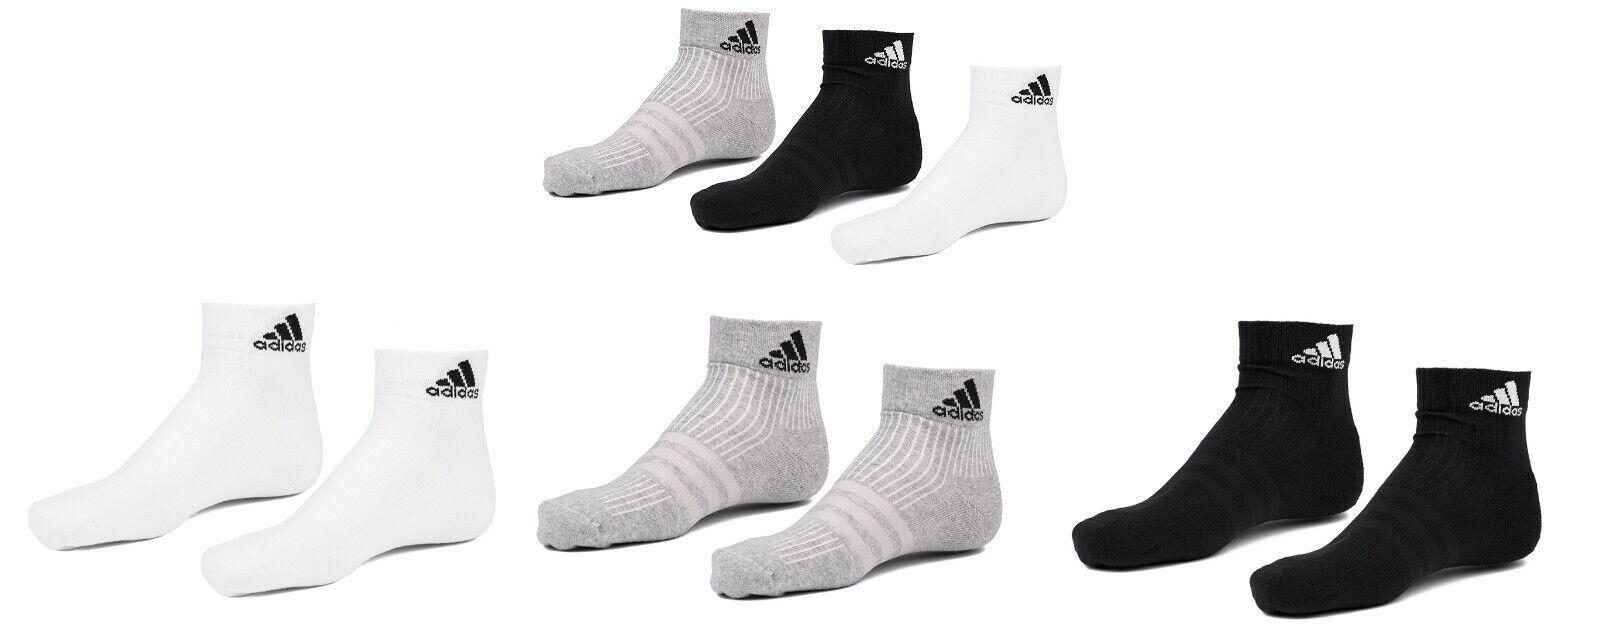 Adidas 3er Pack Socken lightweight sportsocken